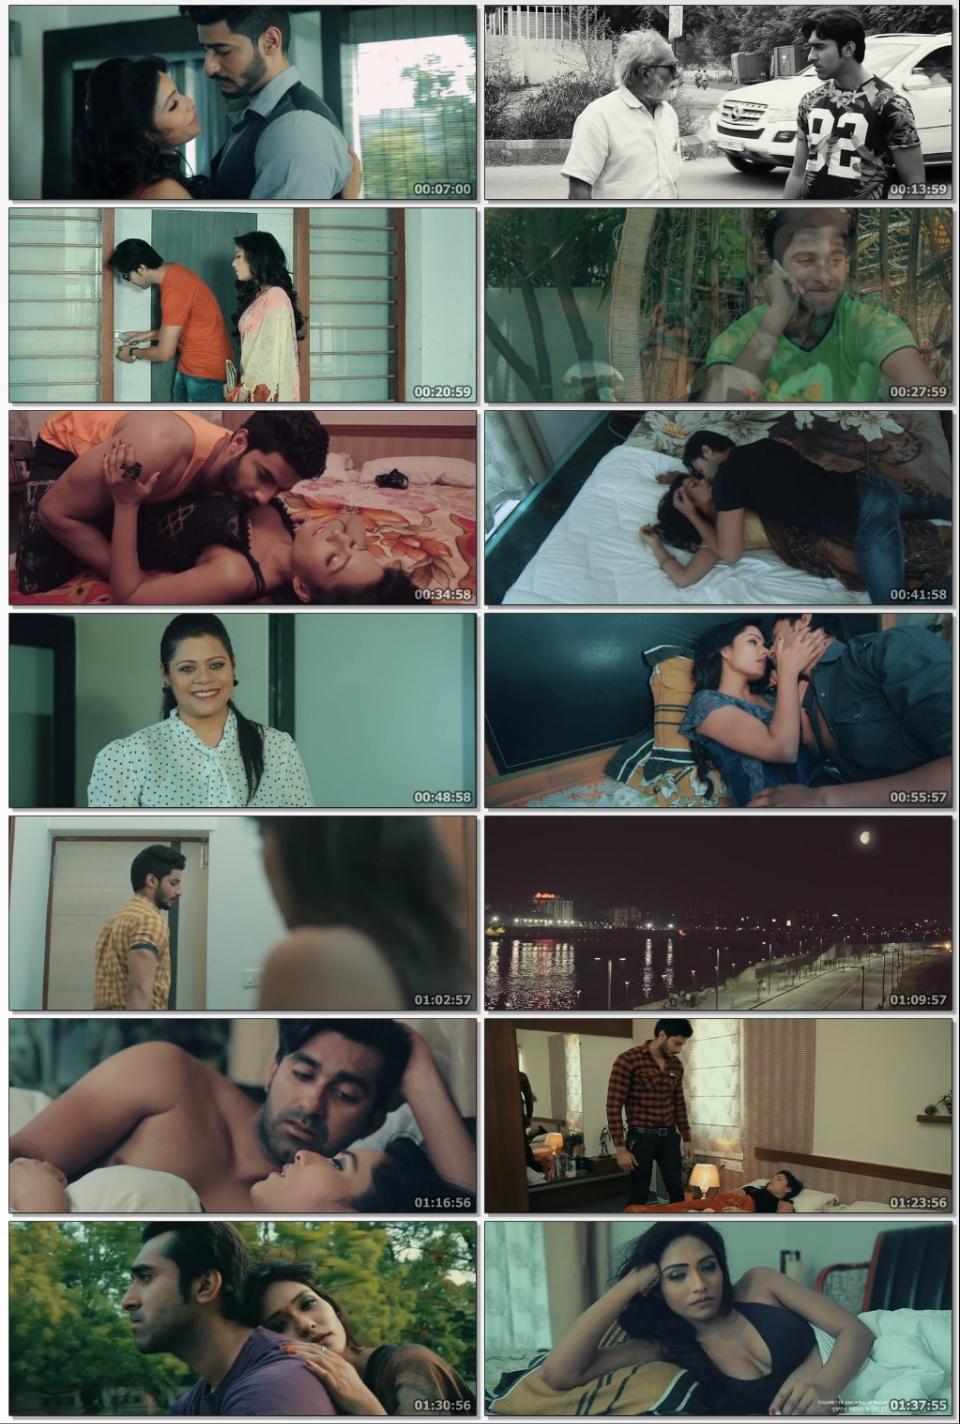 Kuch Pal Pyar Ke movie download free, Kuch Pal Pyar Ke movie download 480p, Kuch Pal Pyar Ke movie download 720p, Kuch Pal Pyar Ke movie download 300mb